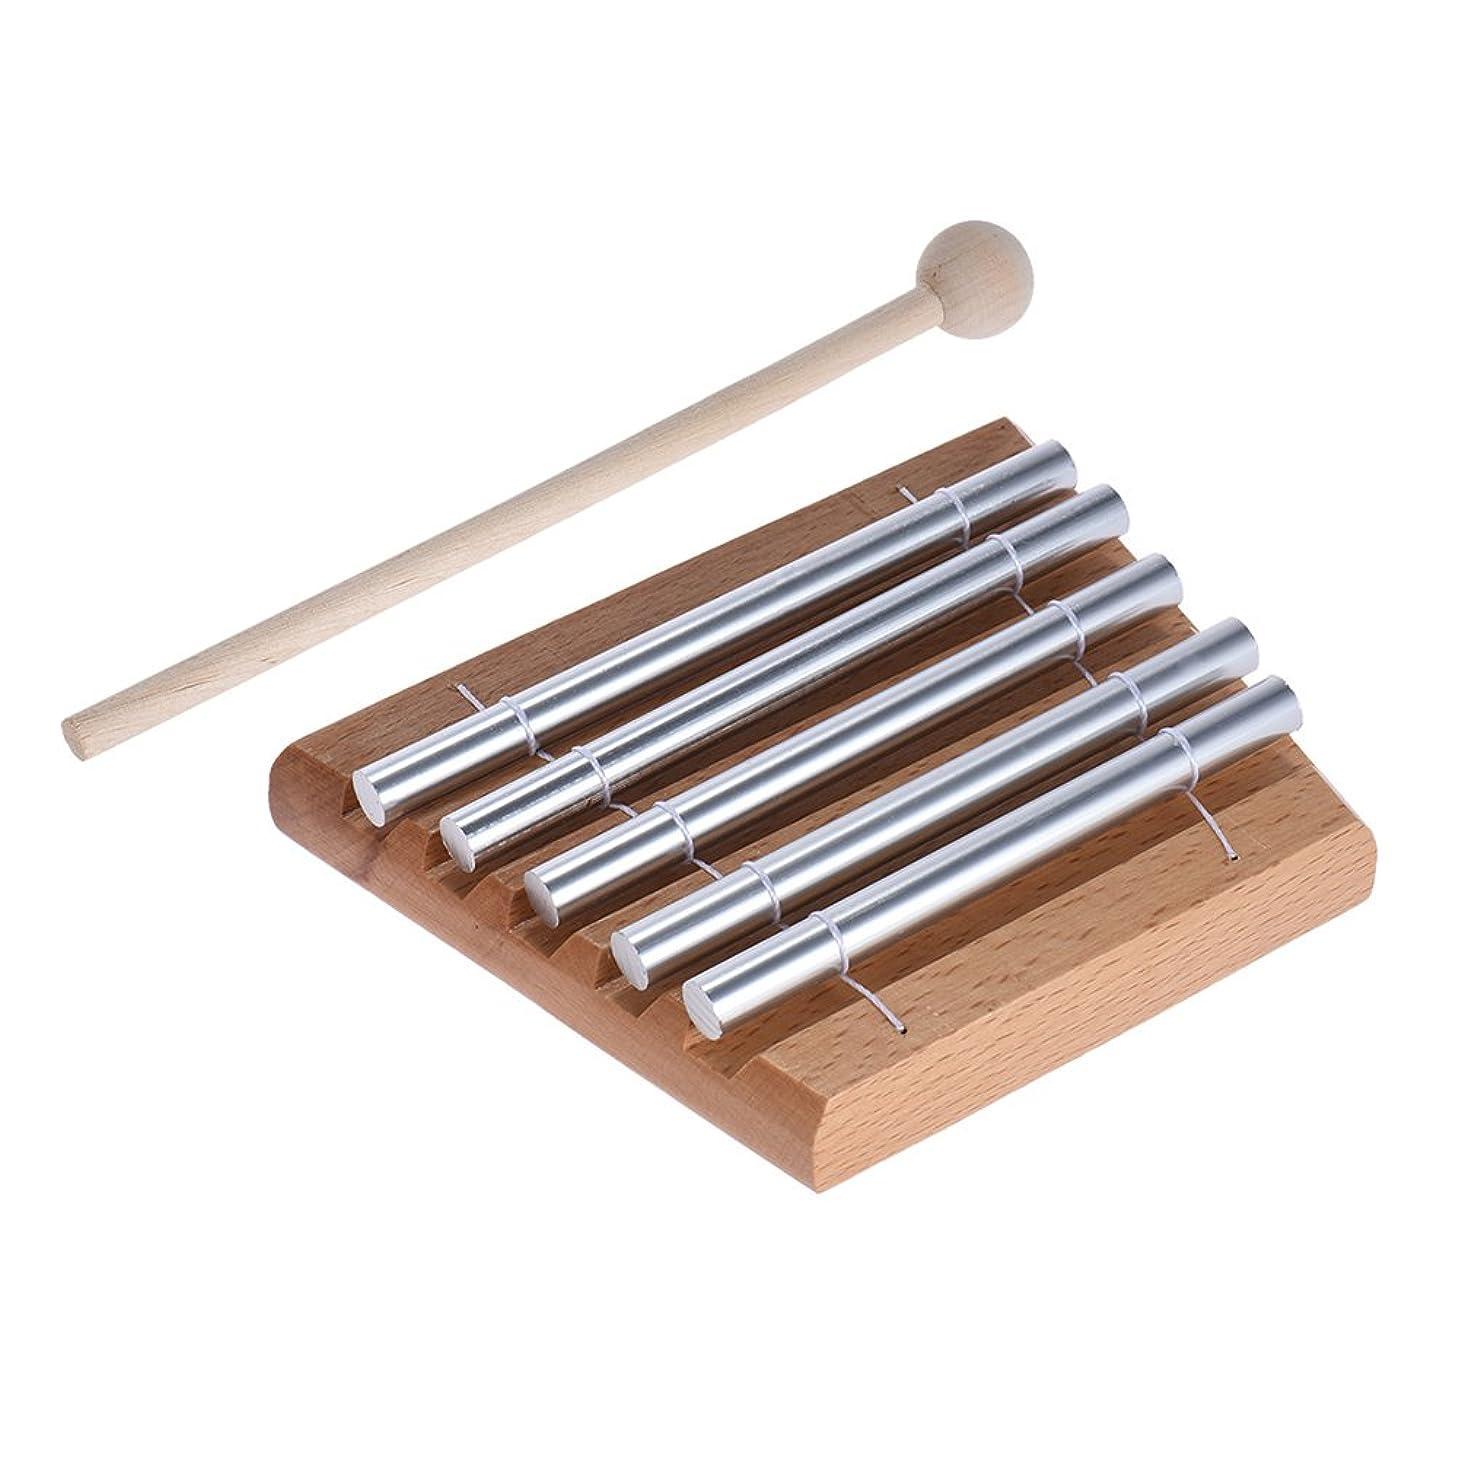 守るご覧ください平野ammoon 5トーン卓上チャイム 教育ミュージカル 玩具打楽器 マレット付き